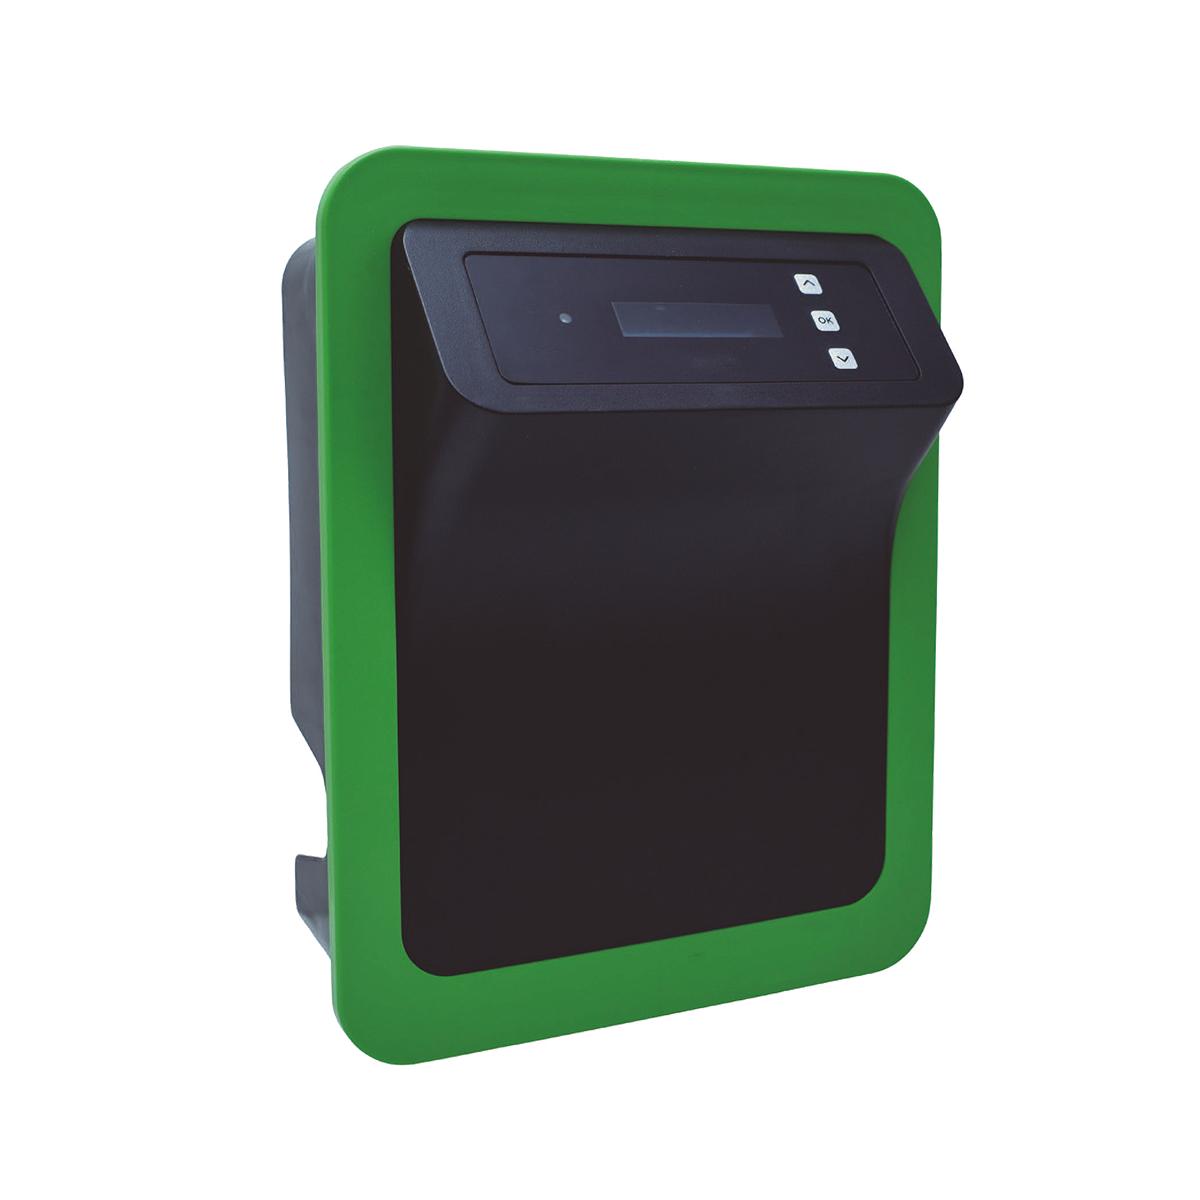 Smart Salzelektrolyseanlage ECO 10g Cl/h selbstreinigende Zelle für private Pools bis 25m3 (Pumpenlaufzeit 8h) Smart Salzelektrolyseanlage ECO 10g Cl/h selbstreinigende Zelle für private Pools bis 25m3 (Pumpenlaufzeit 8h)